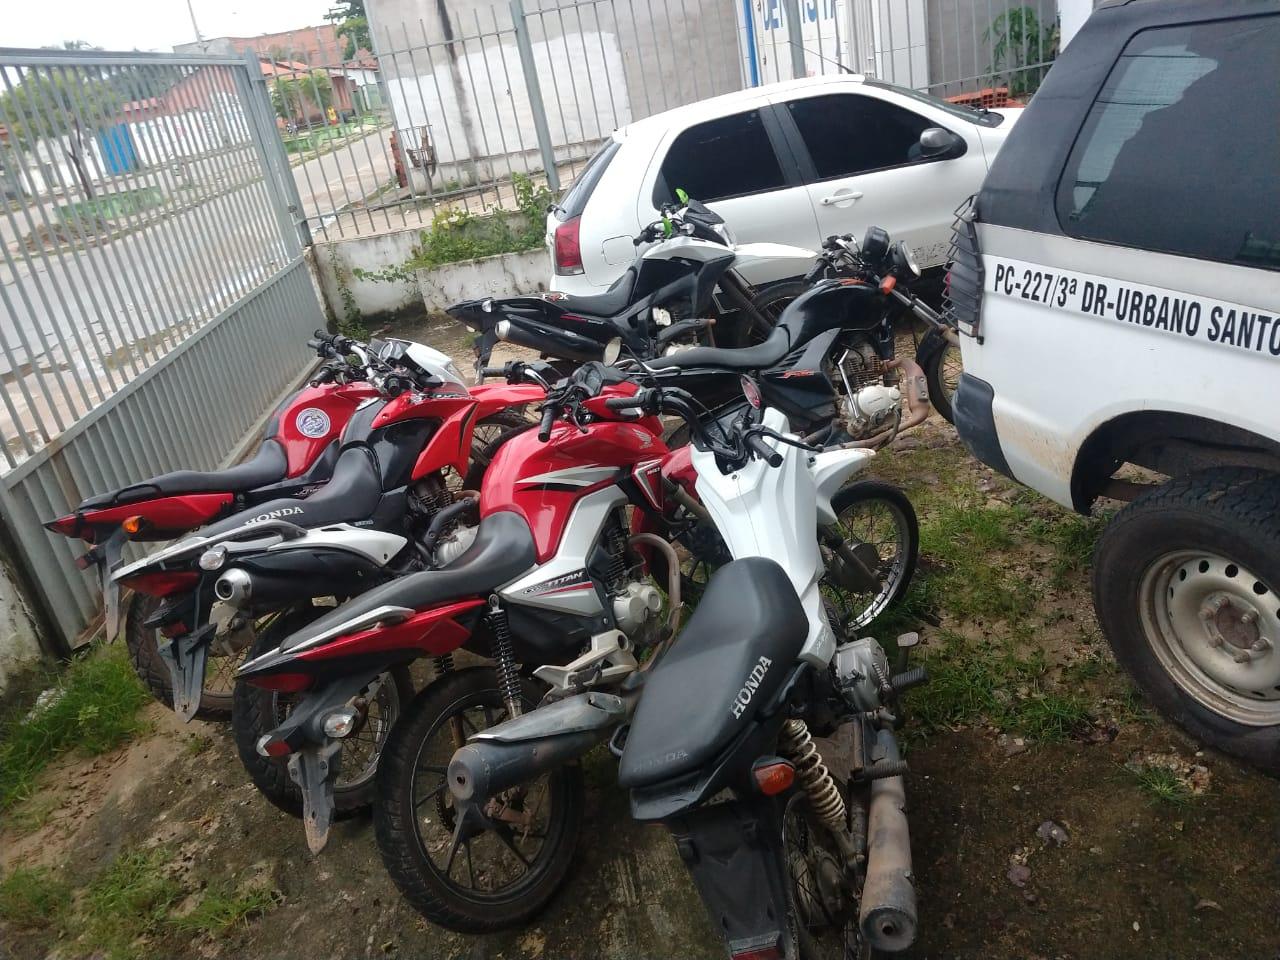 Polícia Militar de Urbano Santos recupera 06 motocicletas roubadas.